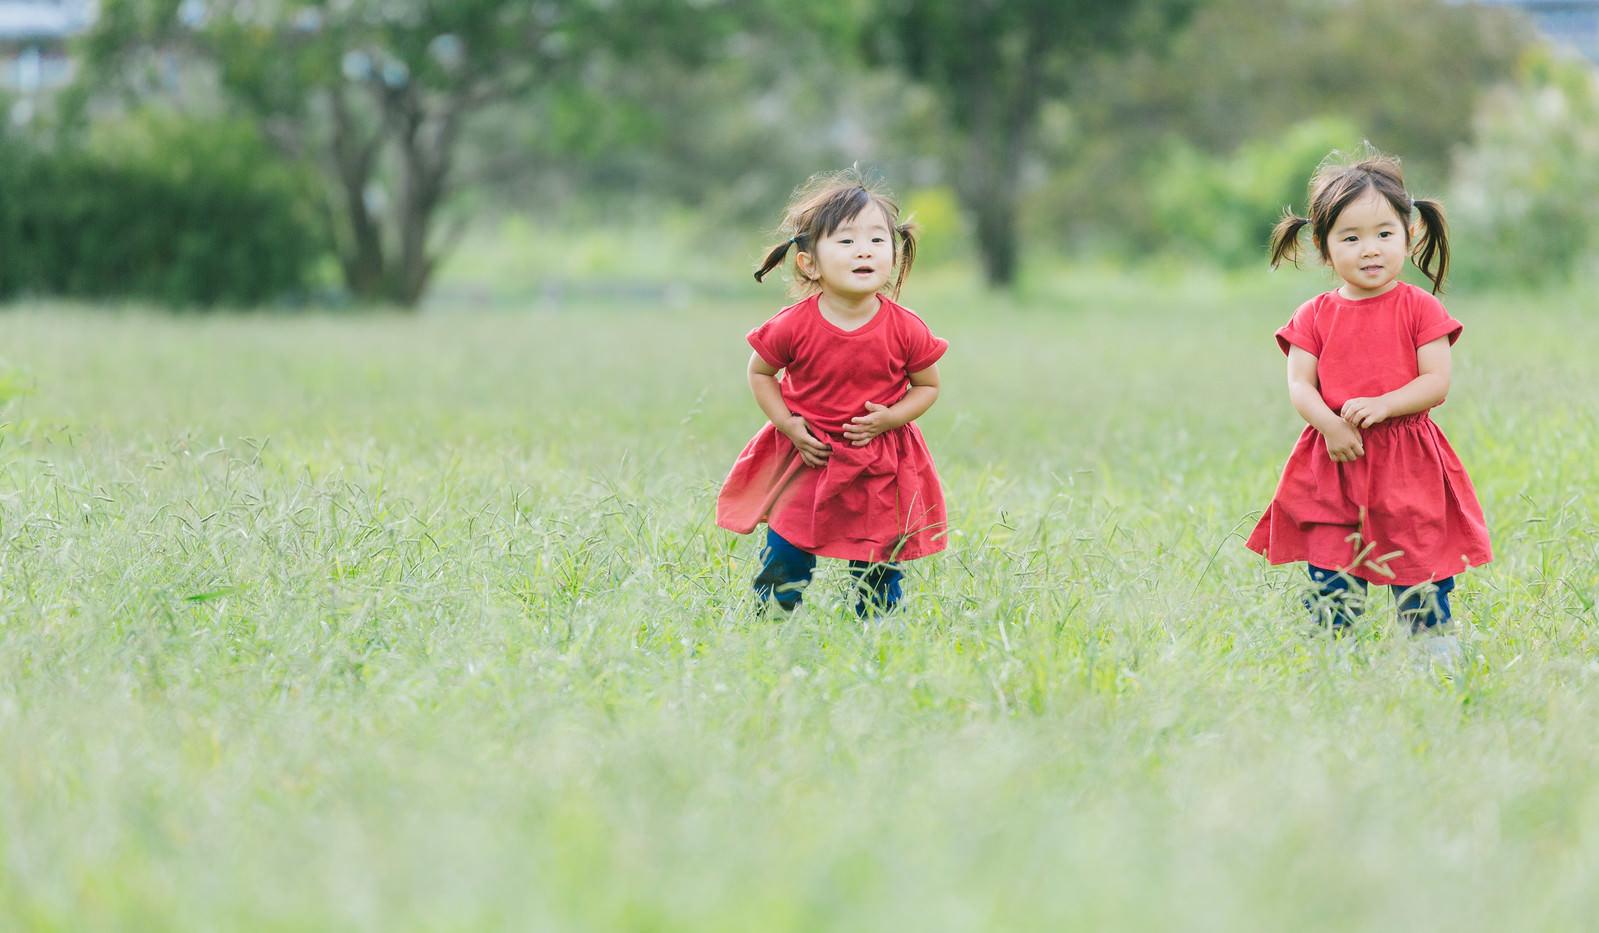 「原っぱと双子の女児」の写真[モデル:あおみどり]